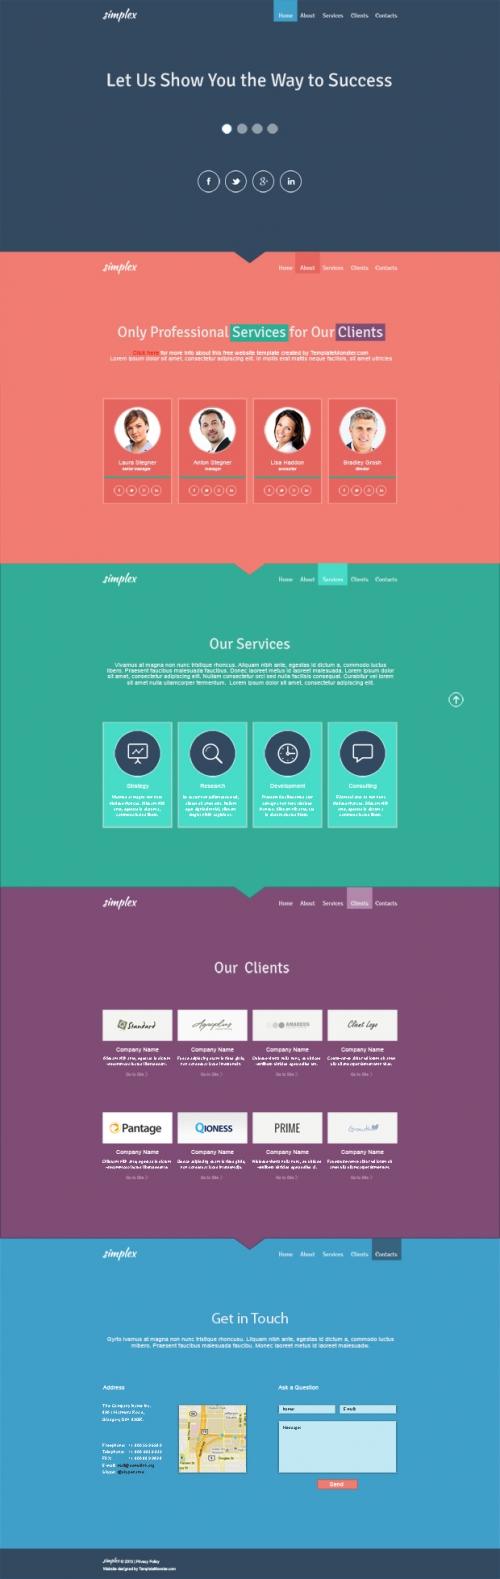 Бесплатный одностраничный шаблон для бизнес-сайта в плоском стиле